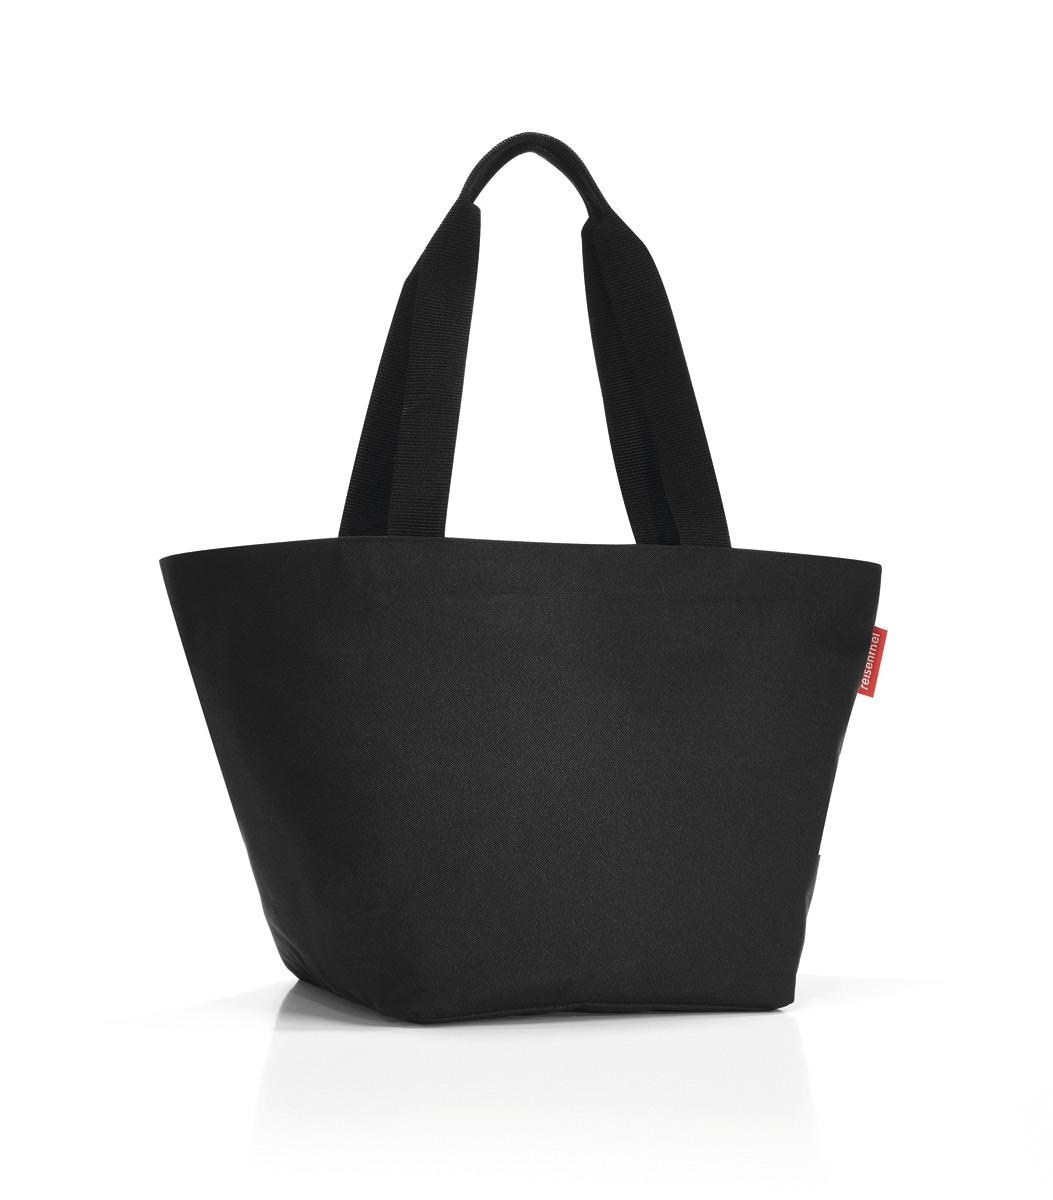 Сумка-шоппер Reisenthel, цвет: черный. ZS70038-2Отличная сумка для похода за продуктами: широкие удобные лямки распределяют нагрузку на плече, а объем 15 литров позволяет вместить всё самое нужное. Застегивается на молнию. Внутри - кармашек на молнии для мелочей. Специальное уплотненное днище для надежности.